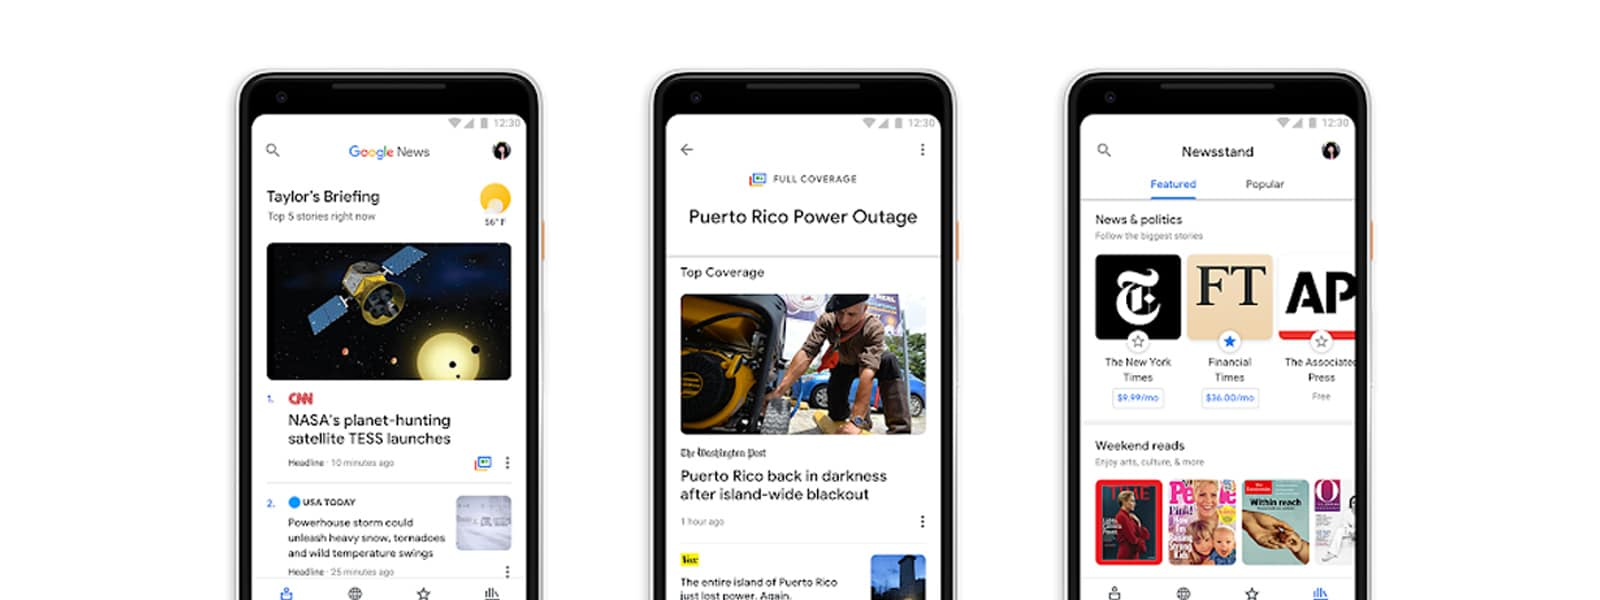 เปิดตัว Google News ใหม่ ใช้ AI ช่วยเลือกข่าว สมัครรับข้อมูลง่ายขึ้น แก้ปัญหาข่าวปลอม